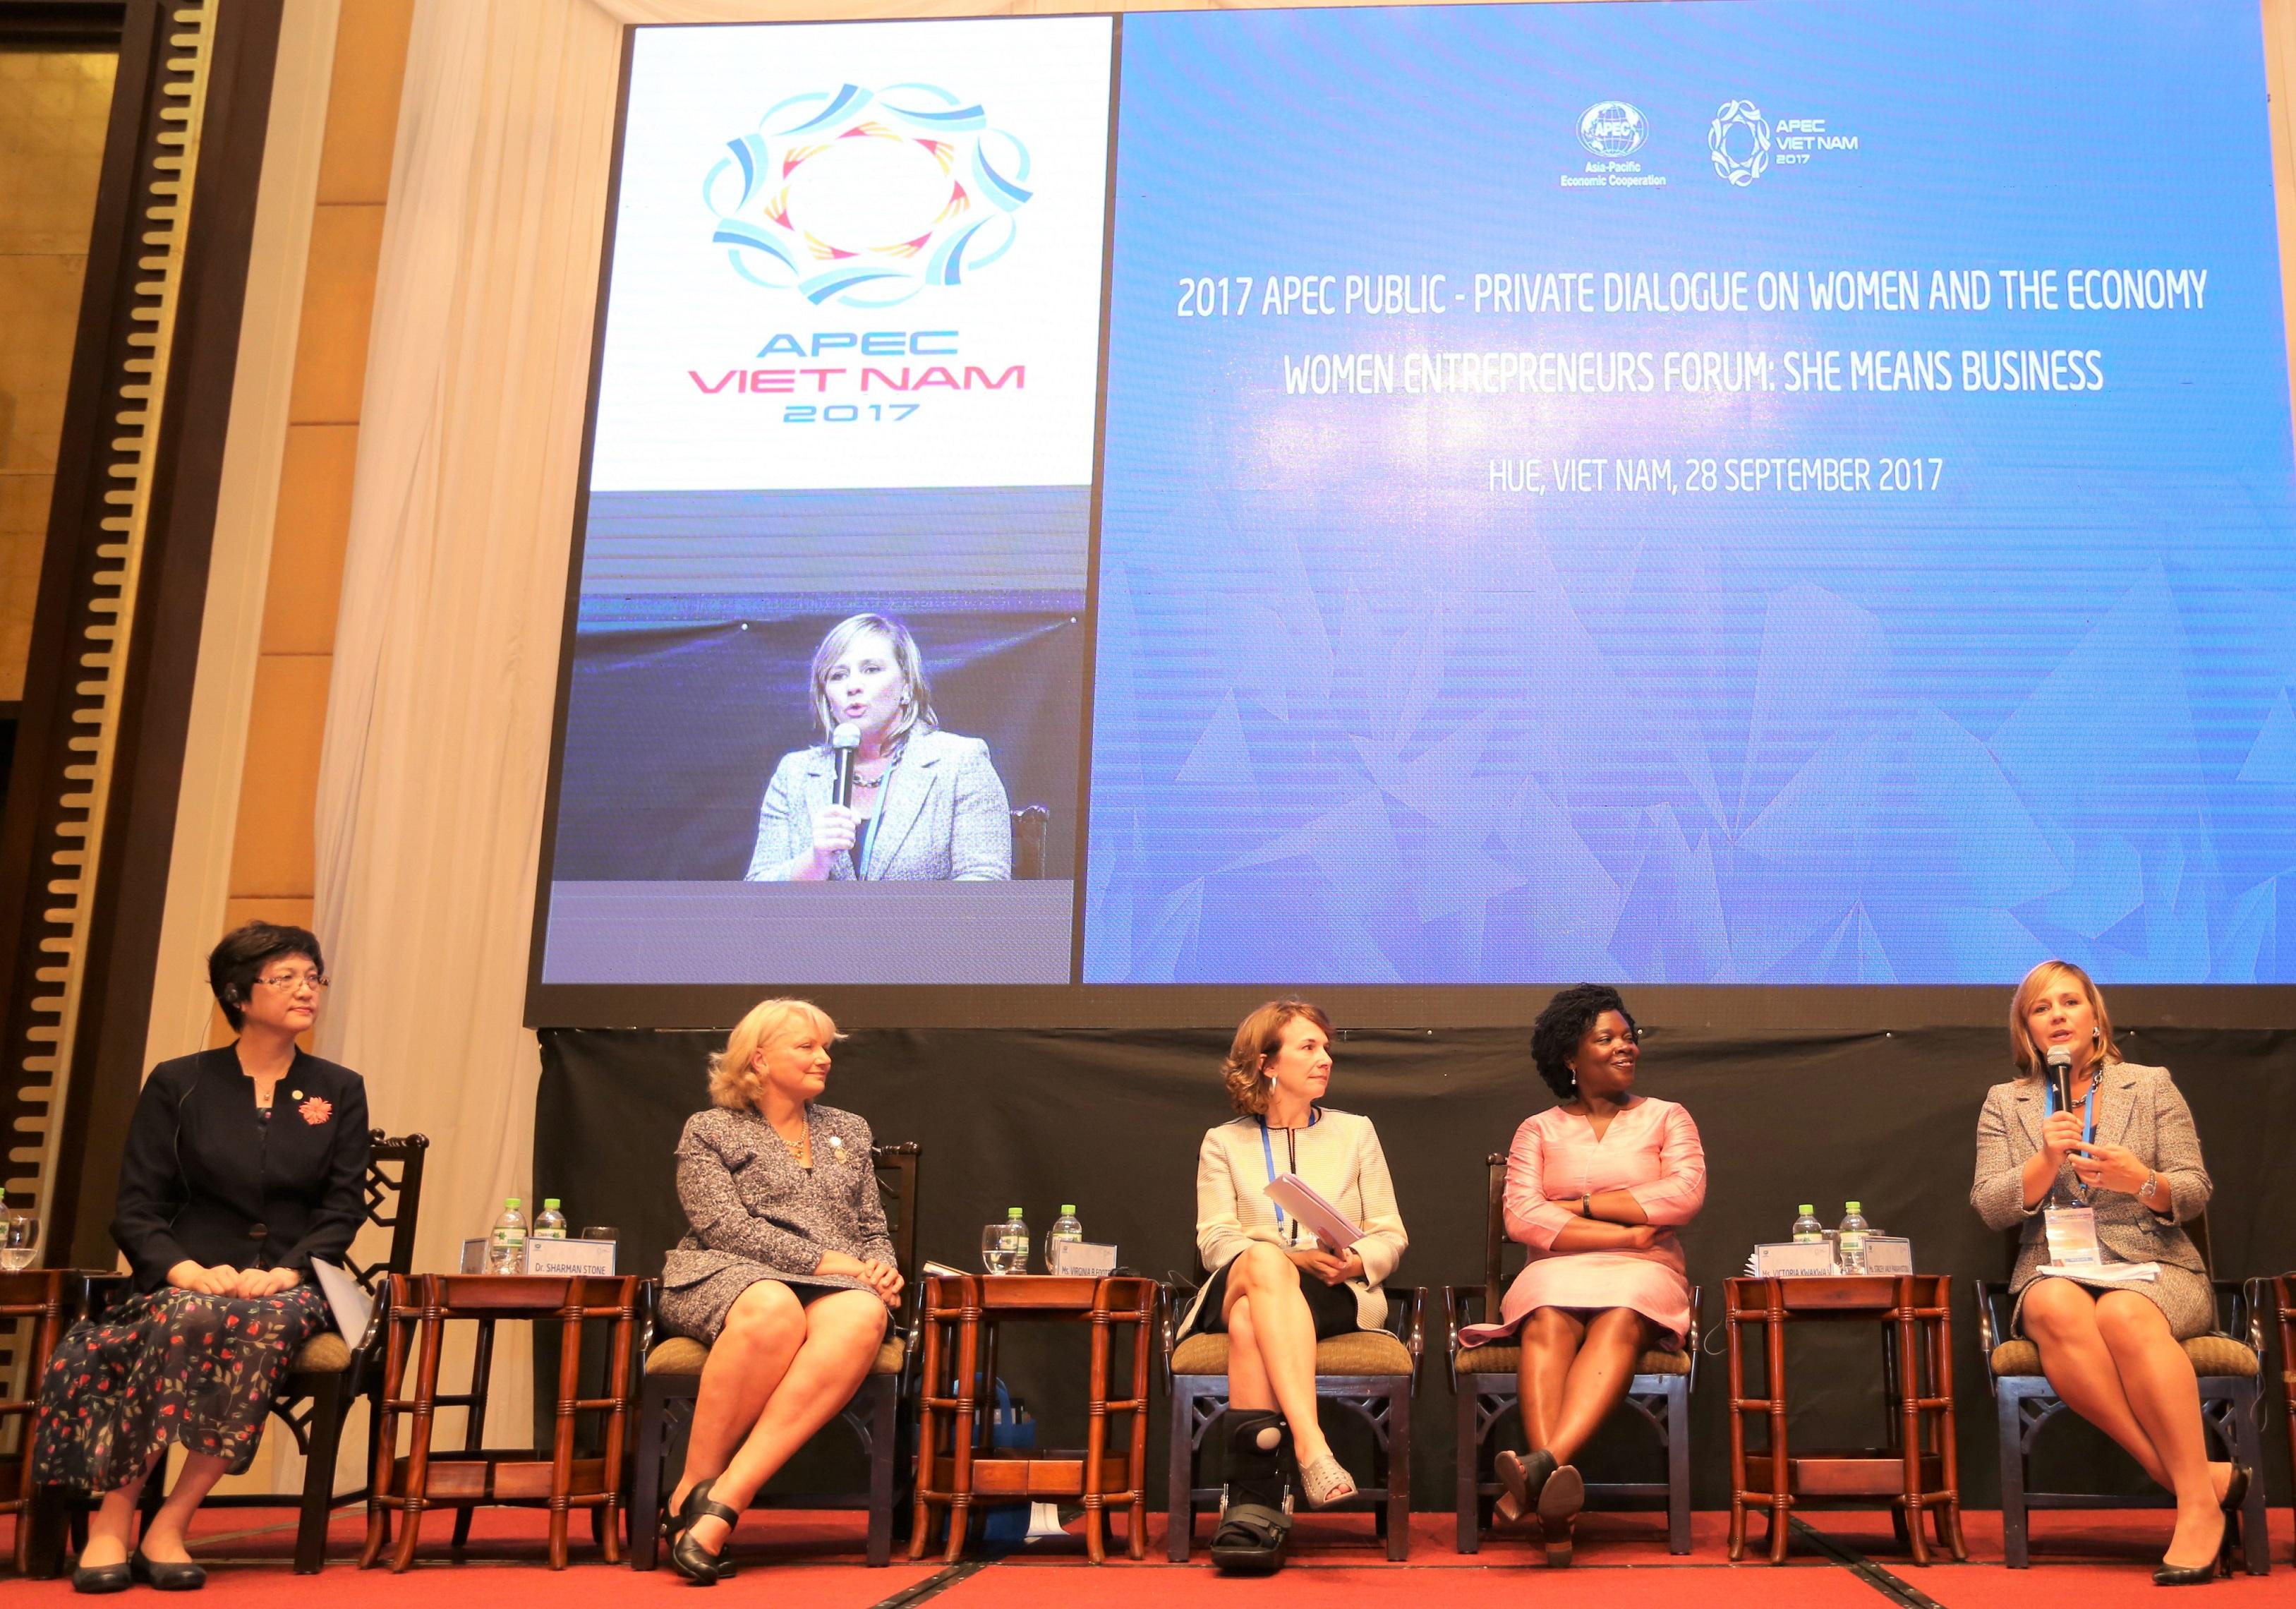 coca cola pushes for economic empowerment social inclusion at apec women entrepreneurs forum